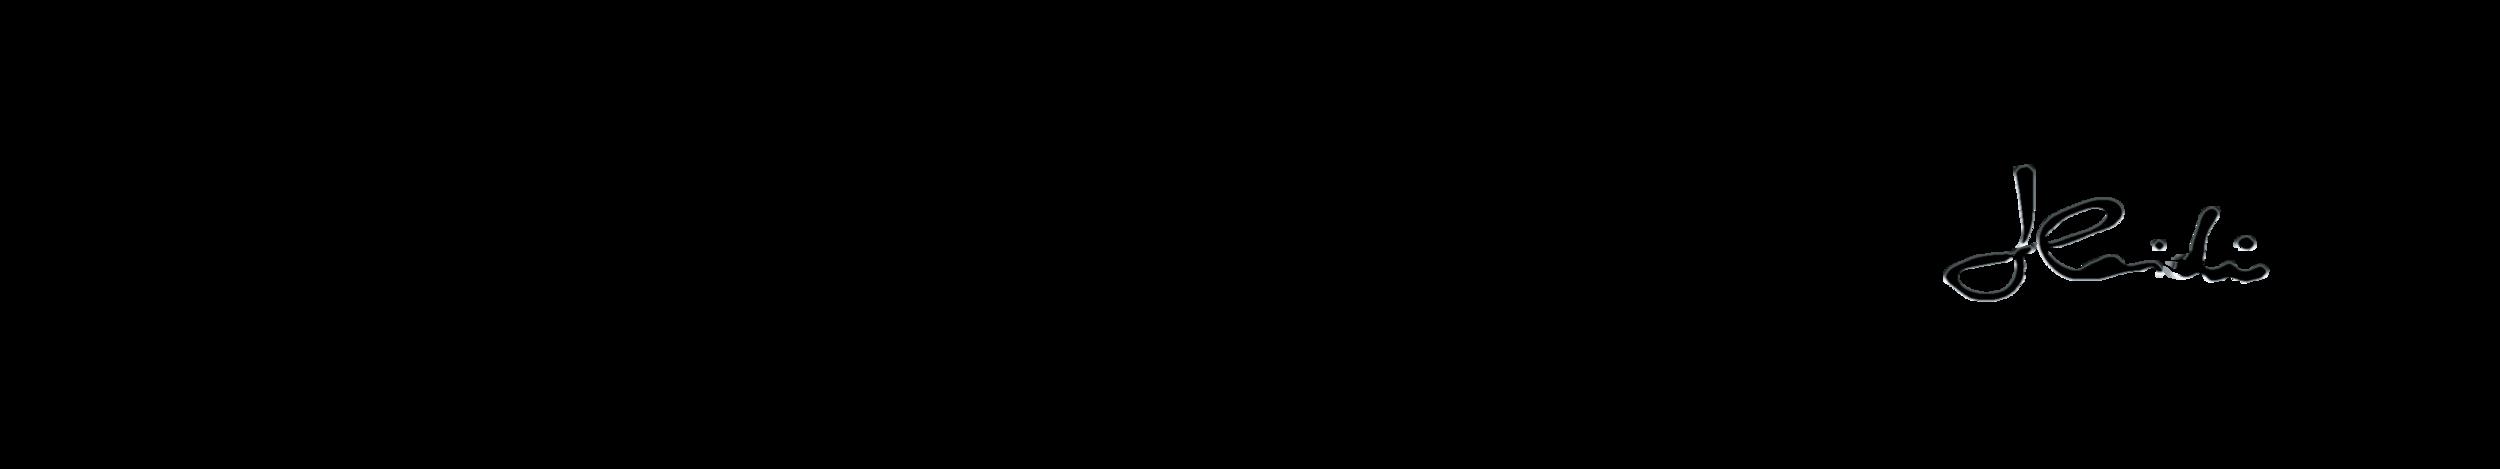 HEIDI SIGNATURE2-01.png